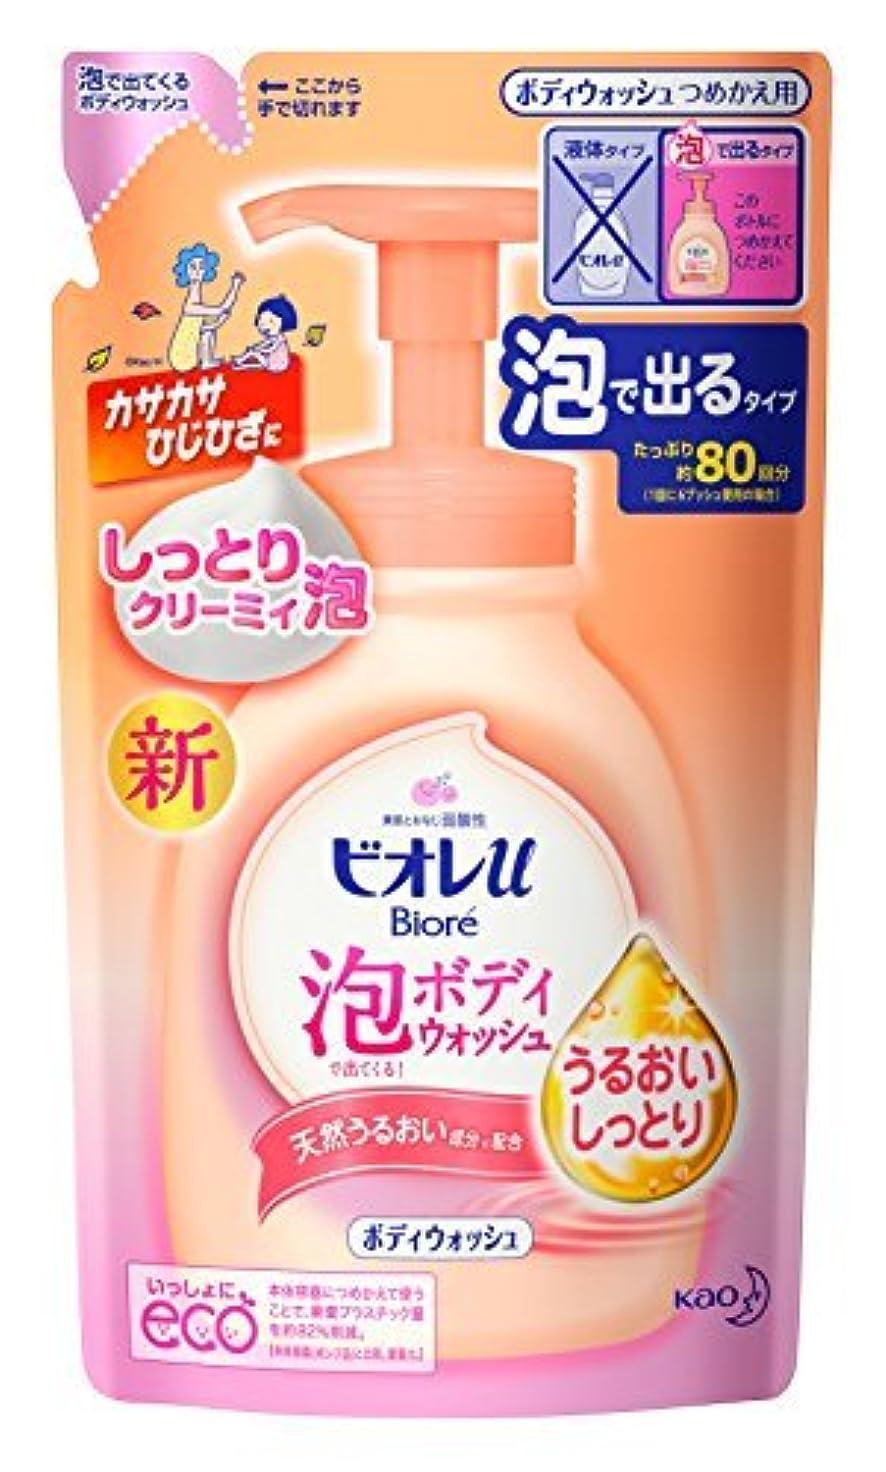 評議会運動入浴ビオレu 泡で出てくるボディウォッシュ うるおいしっとり つめかえ用 Japan